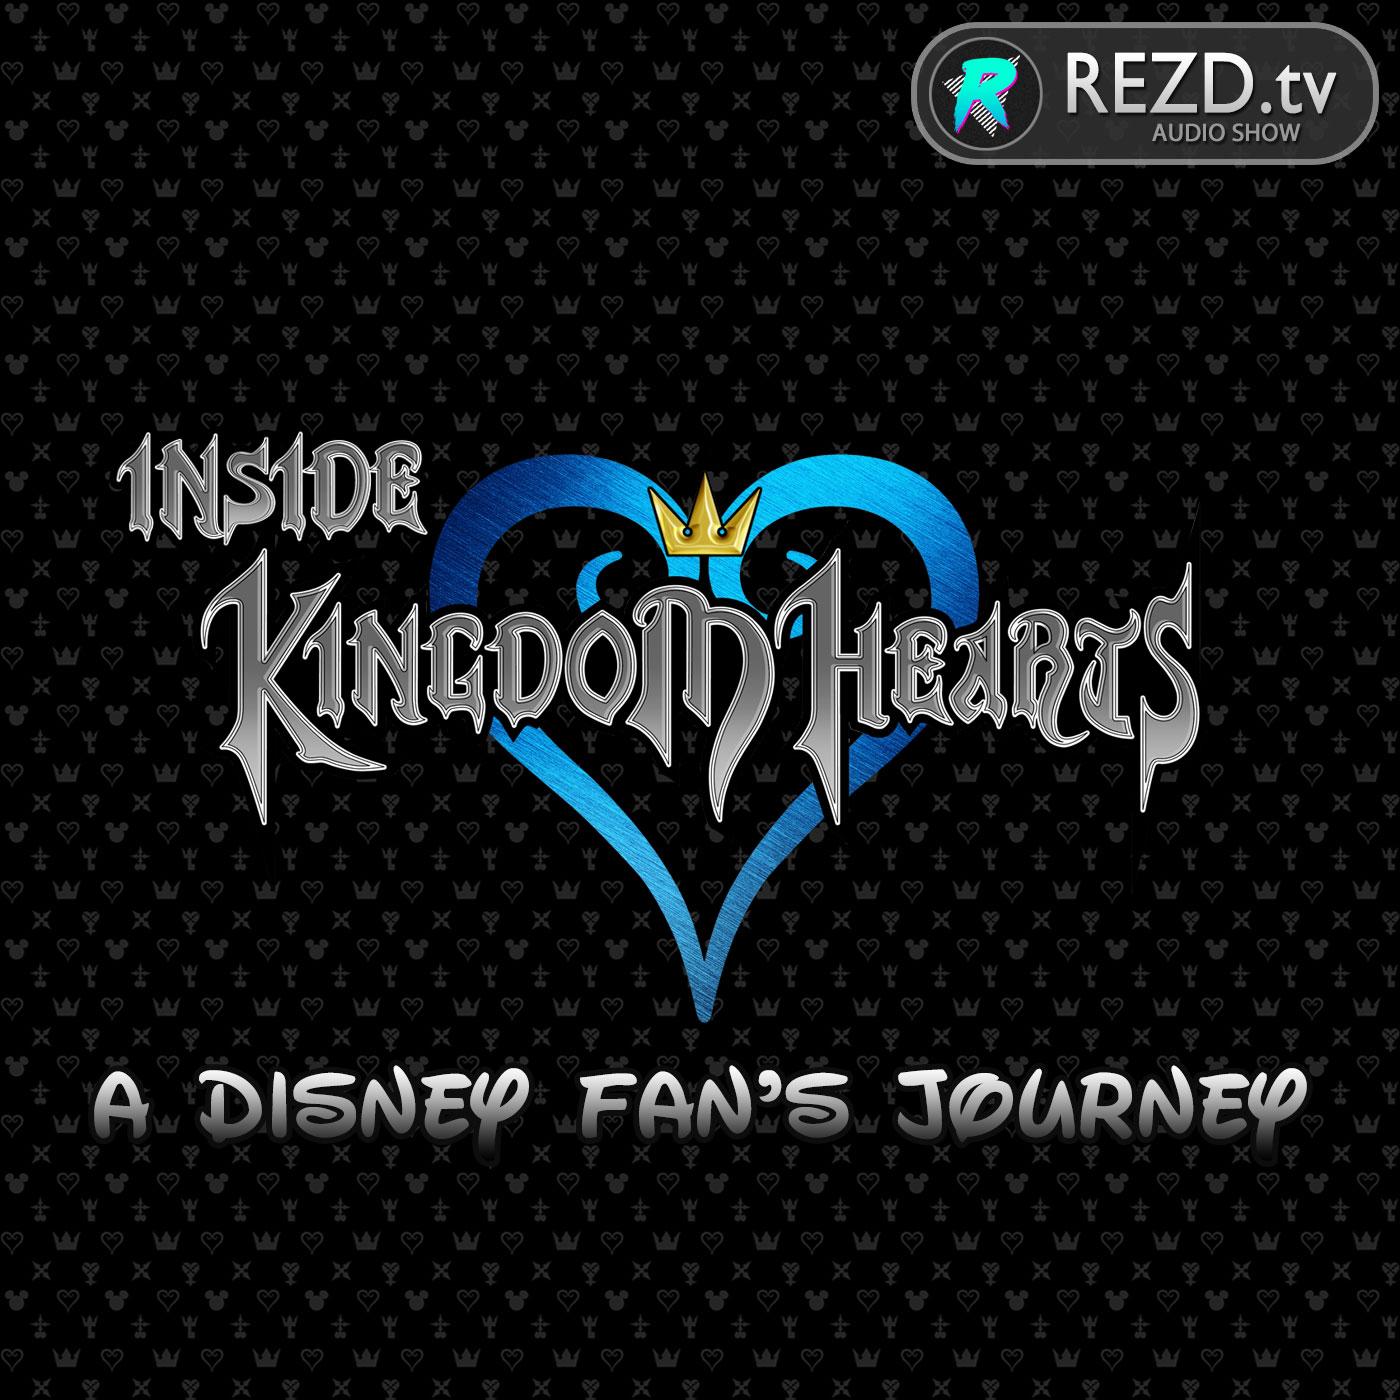 Inside Kingdom Hearts